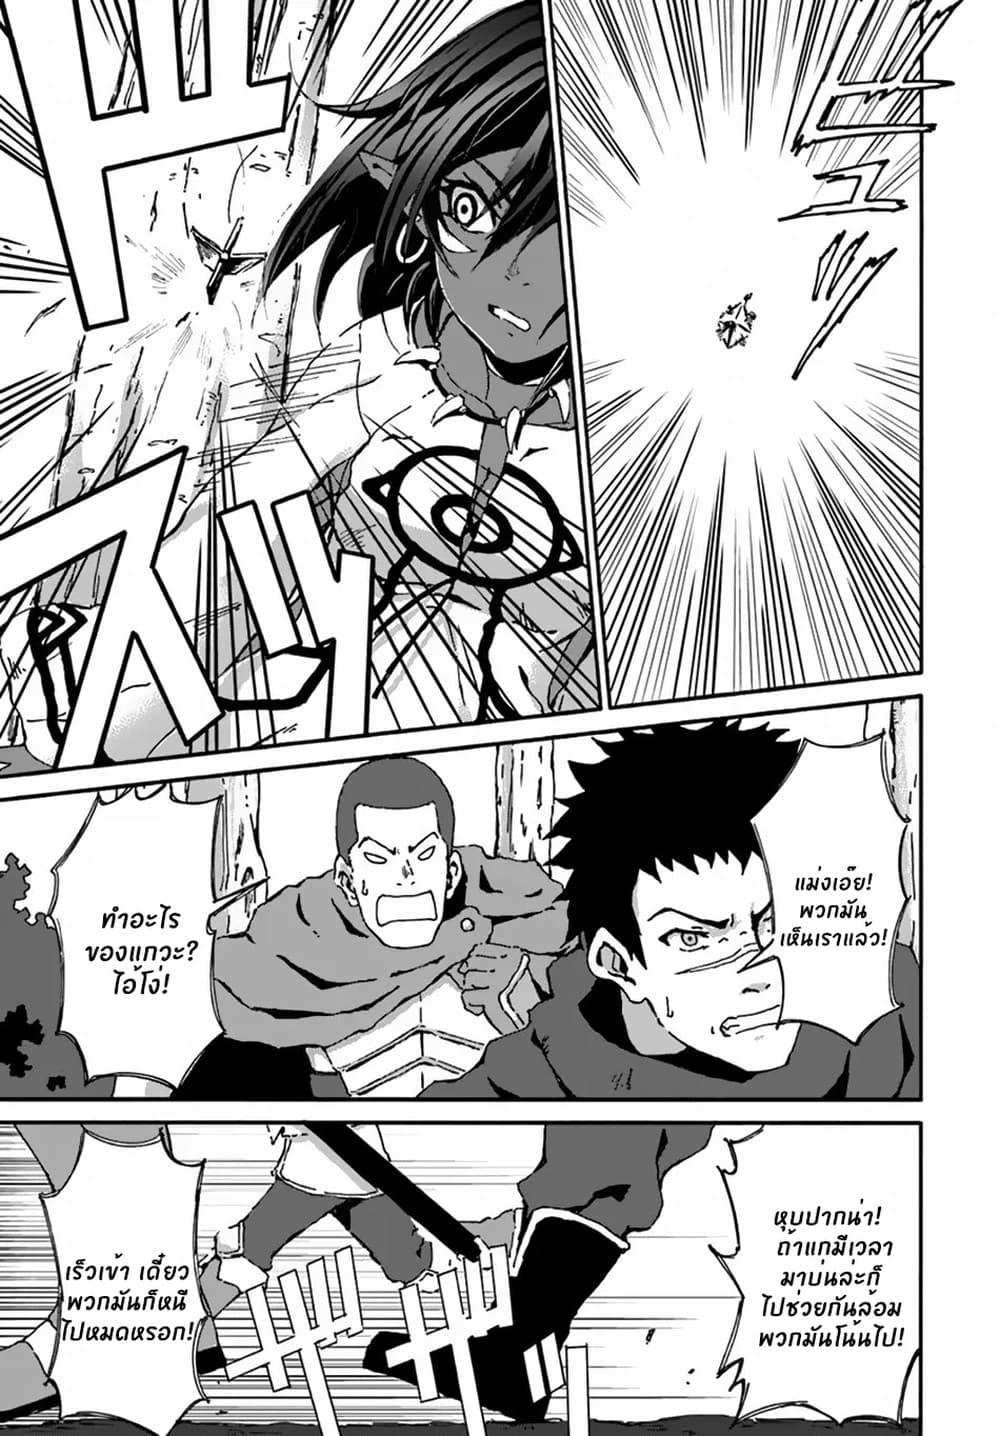 อ่านการ์ตูน Yondome wa Iyana Shi Zokusei Majutsushi ตอนที่ 13 หน้าที่ 8